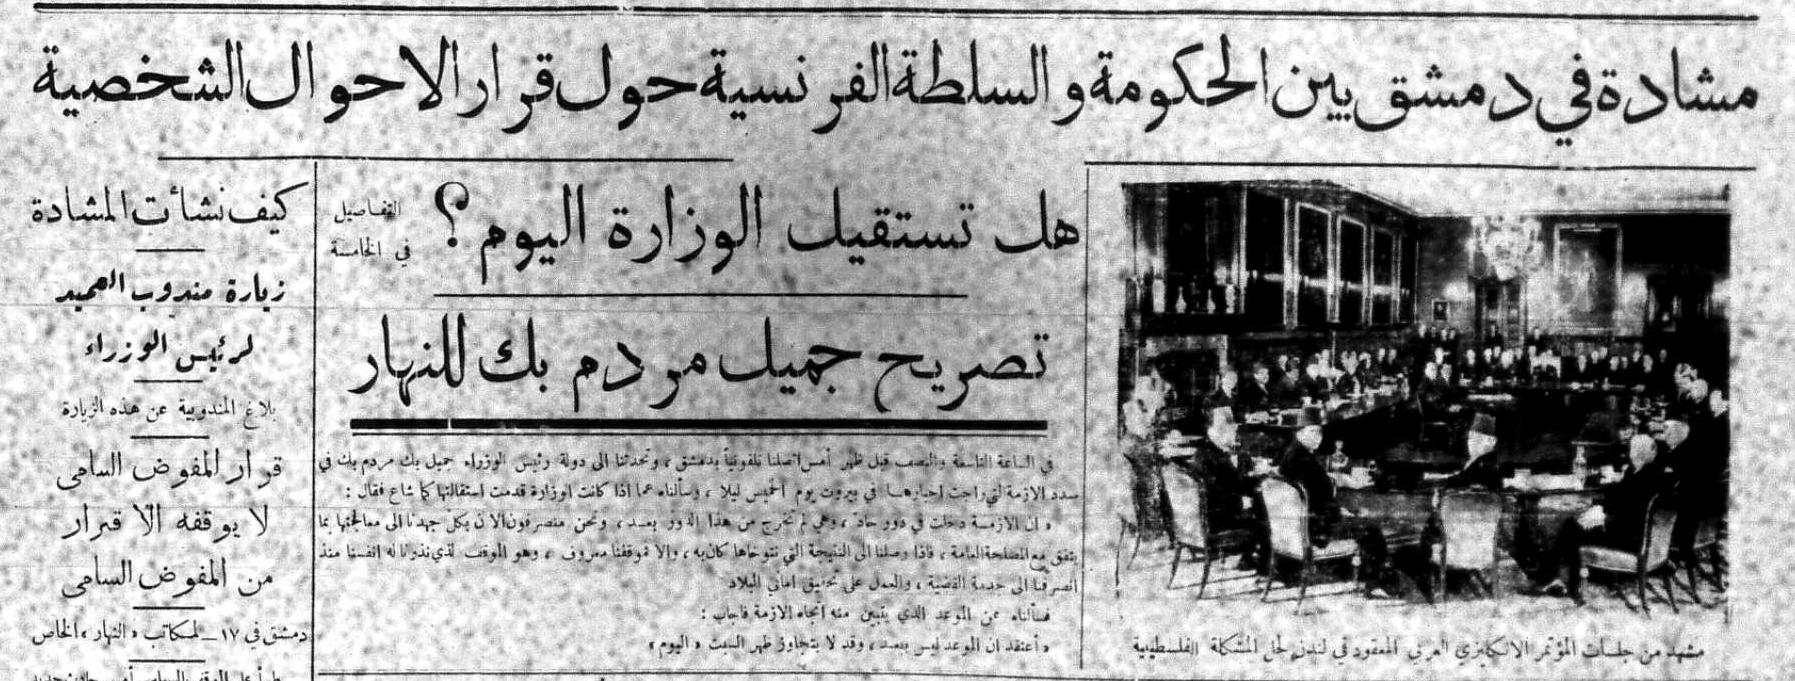 الاحتجاجات على القرار 60 ل/ر في لبنان وسوريا: رجال الدين يكرّسون نظام الطوائف